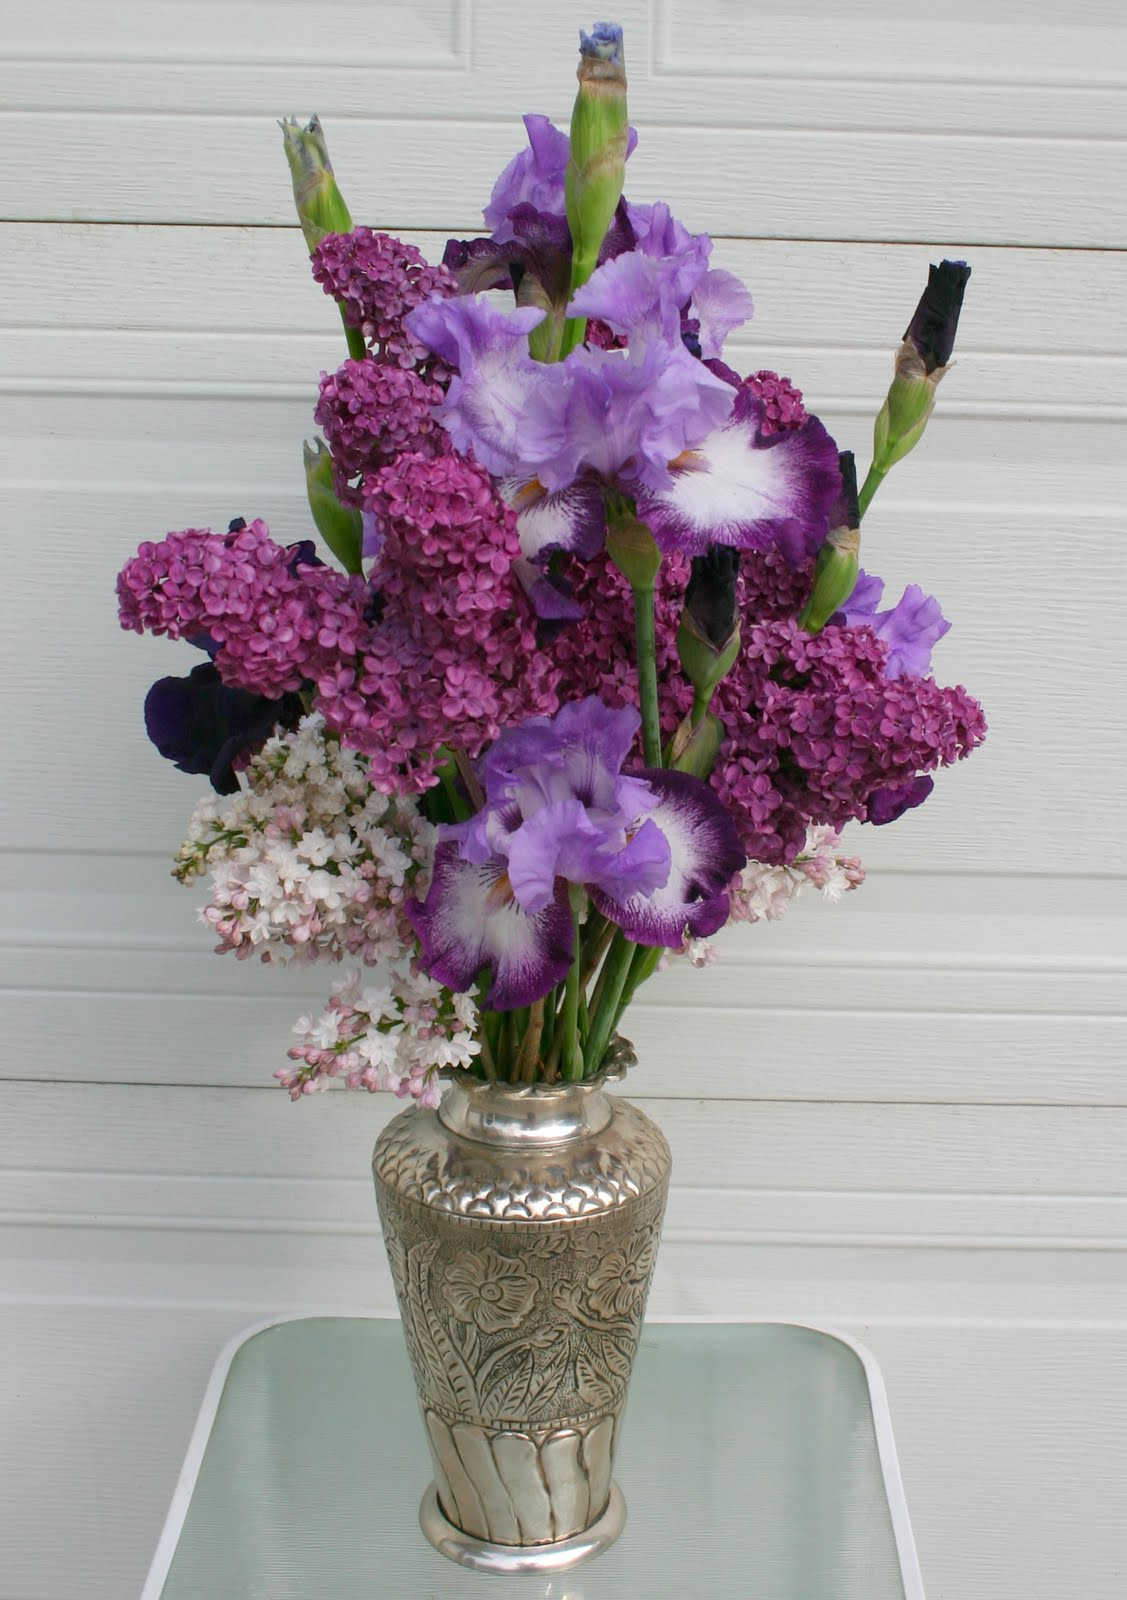 how to make flowers last longer in the vase